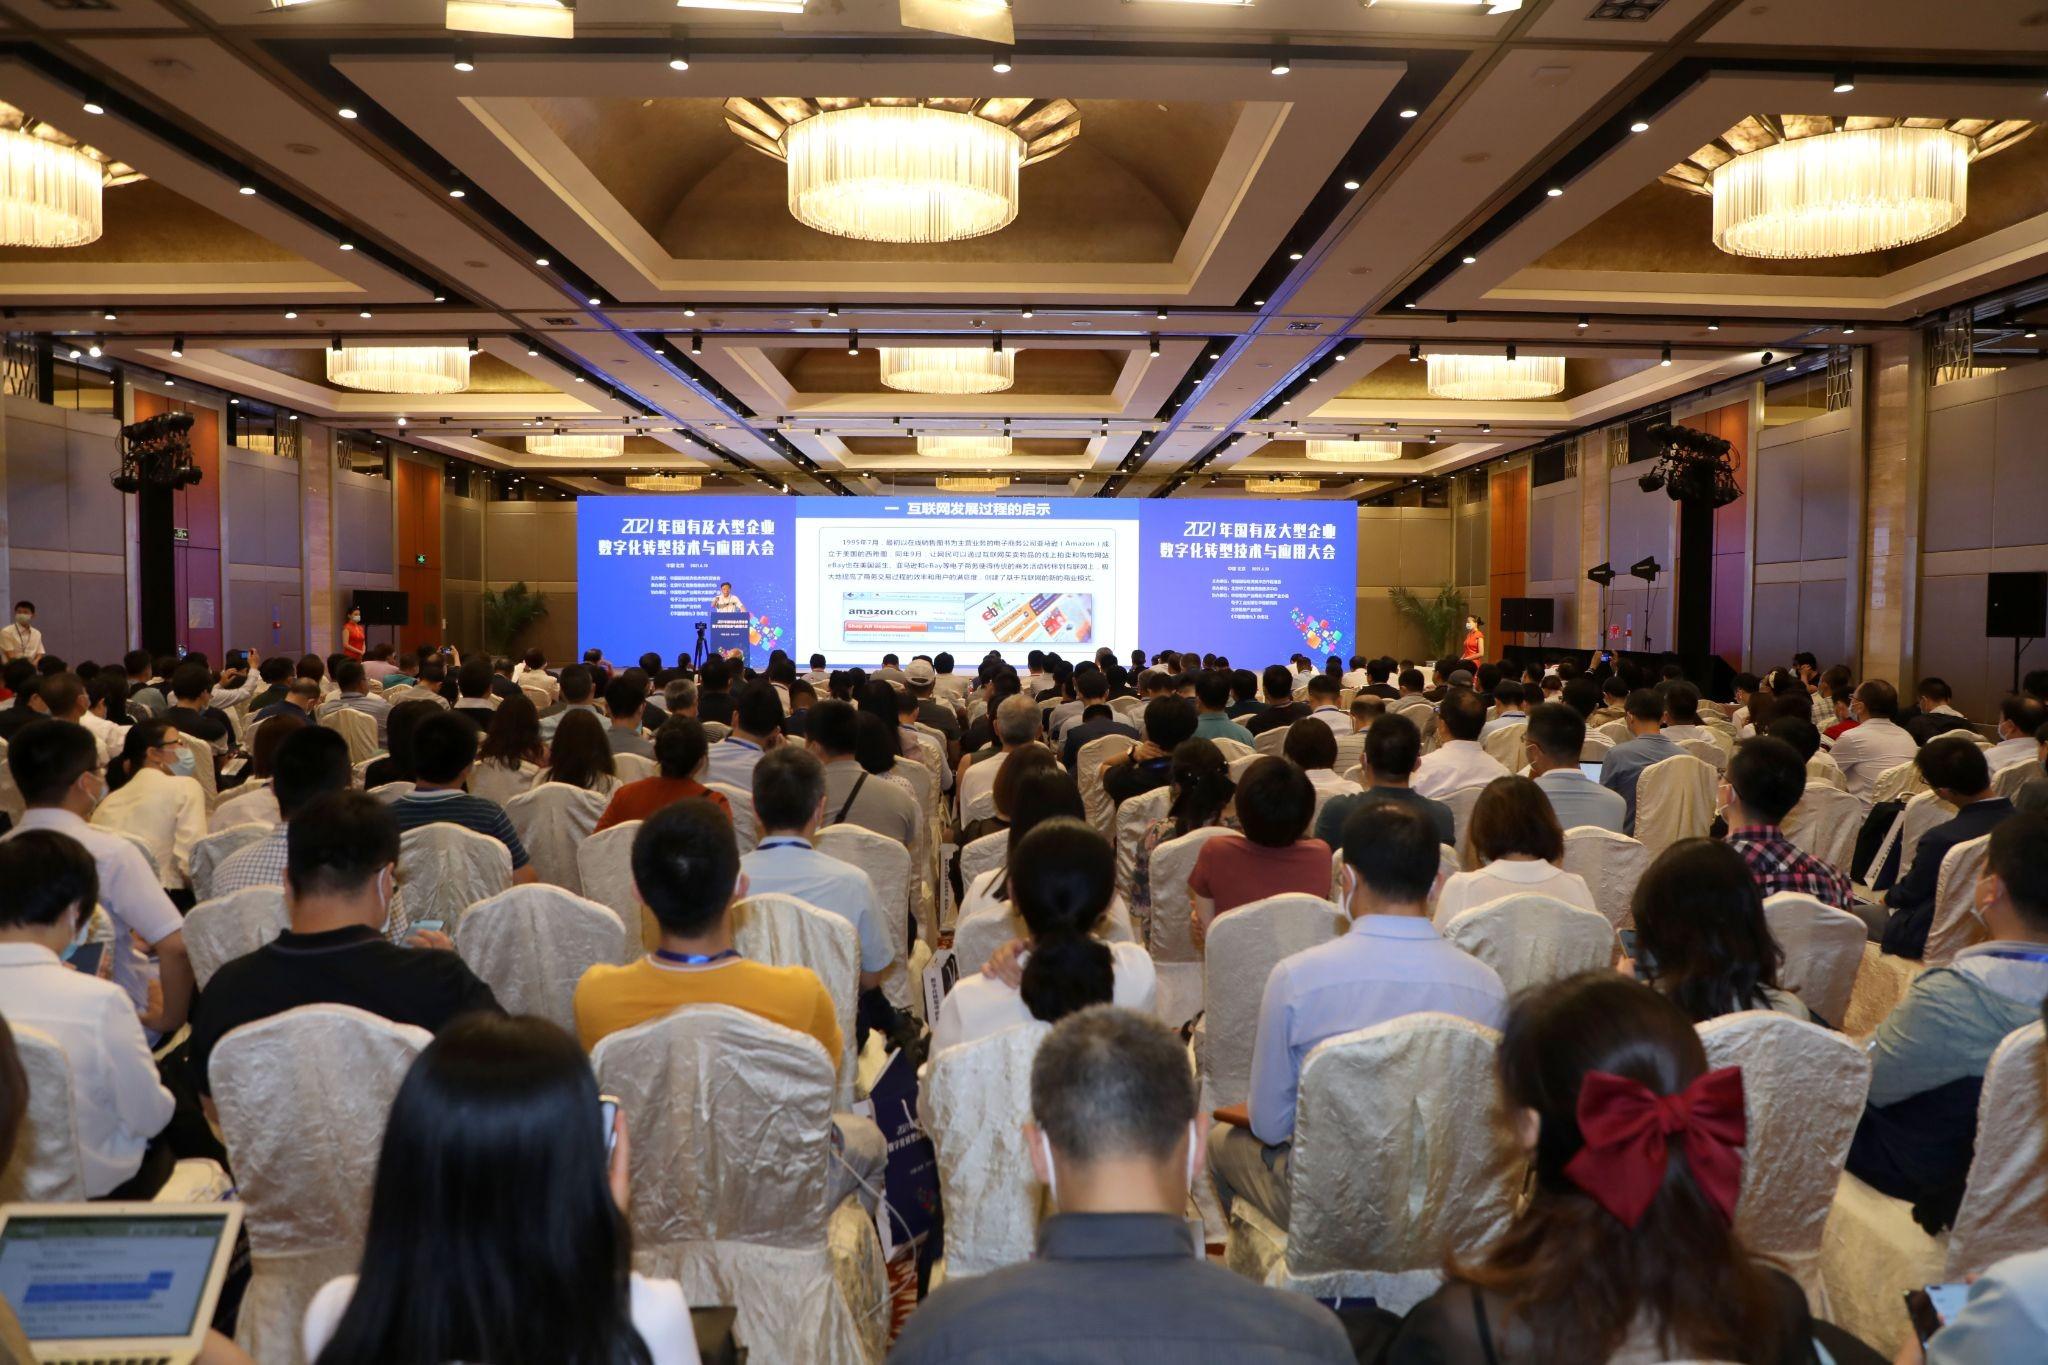 百炼智能亮相2021年国有及大型企业数字化转型技术与应用大会